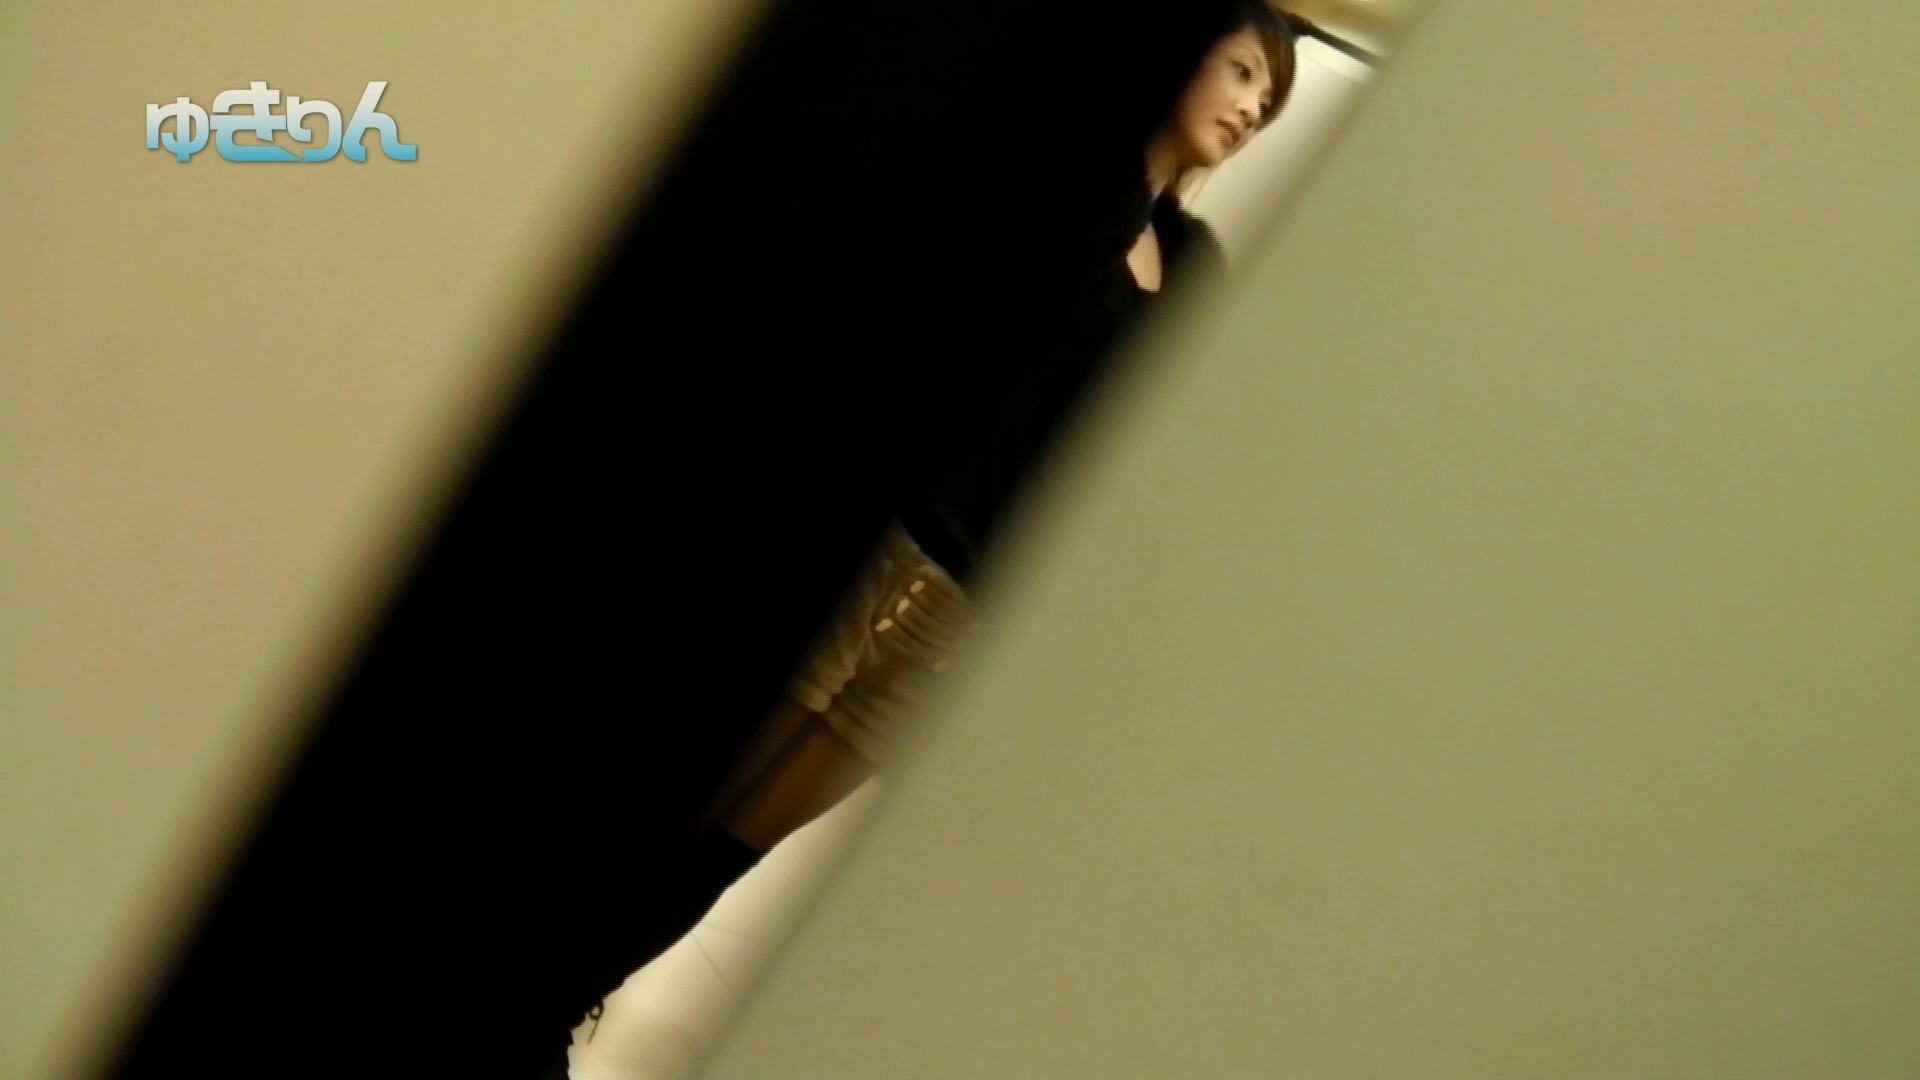 新世界の射窓 無料お試し動画02 お姉さん攻略 ぱこり動画紹介 89画像 88